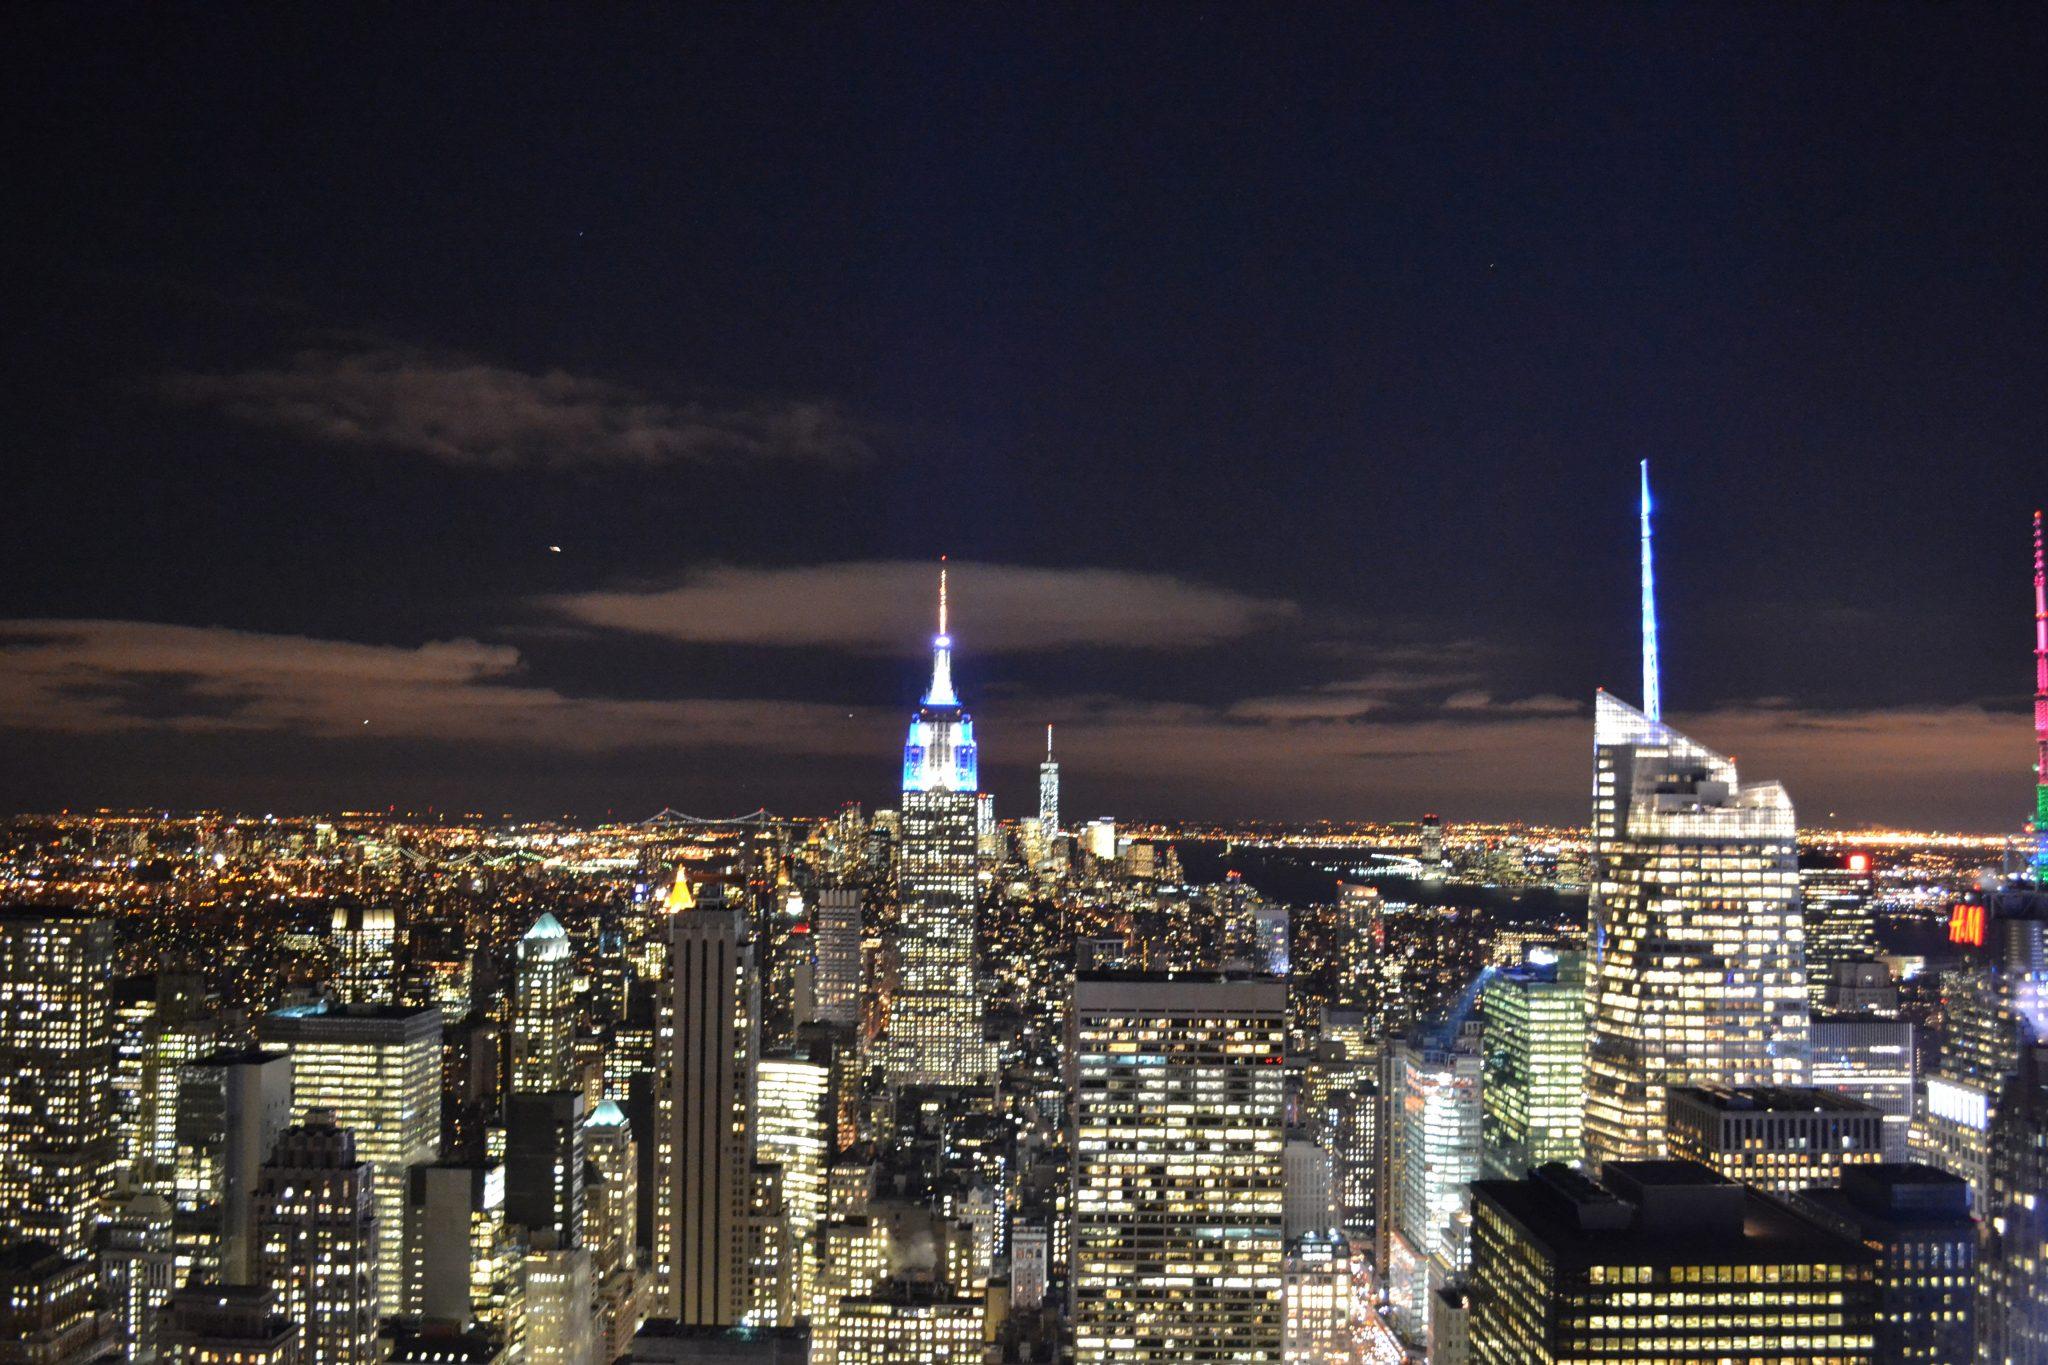 IT'S OFFICIAL: Ich gehe nach New York - DSC 0238